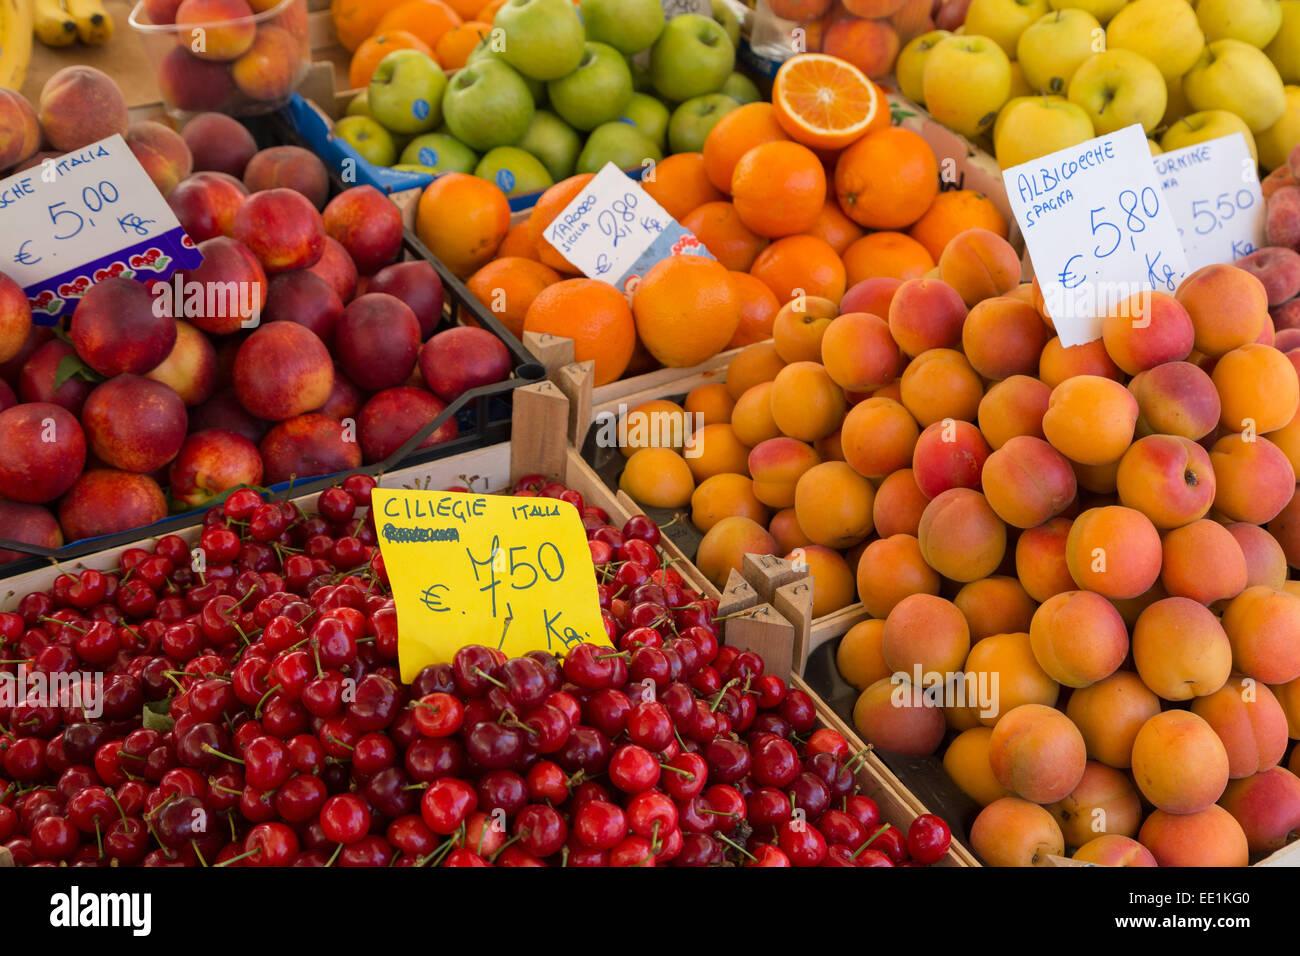 Fruit for sale in Mercato di Campo de Fiori, Rome, Lazio, Italy, Europe - Stock Image